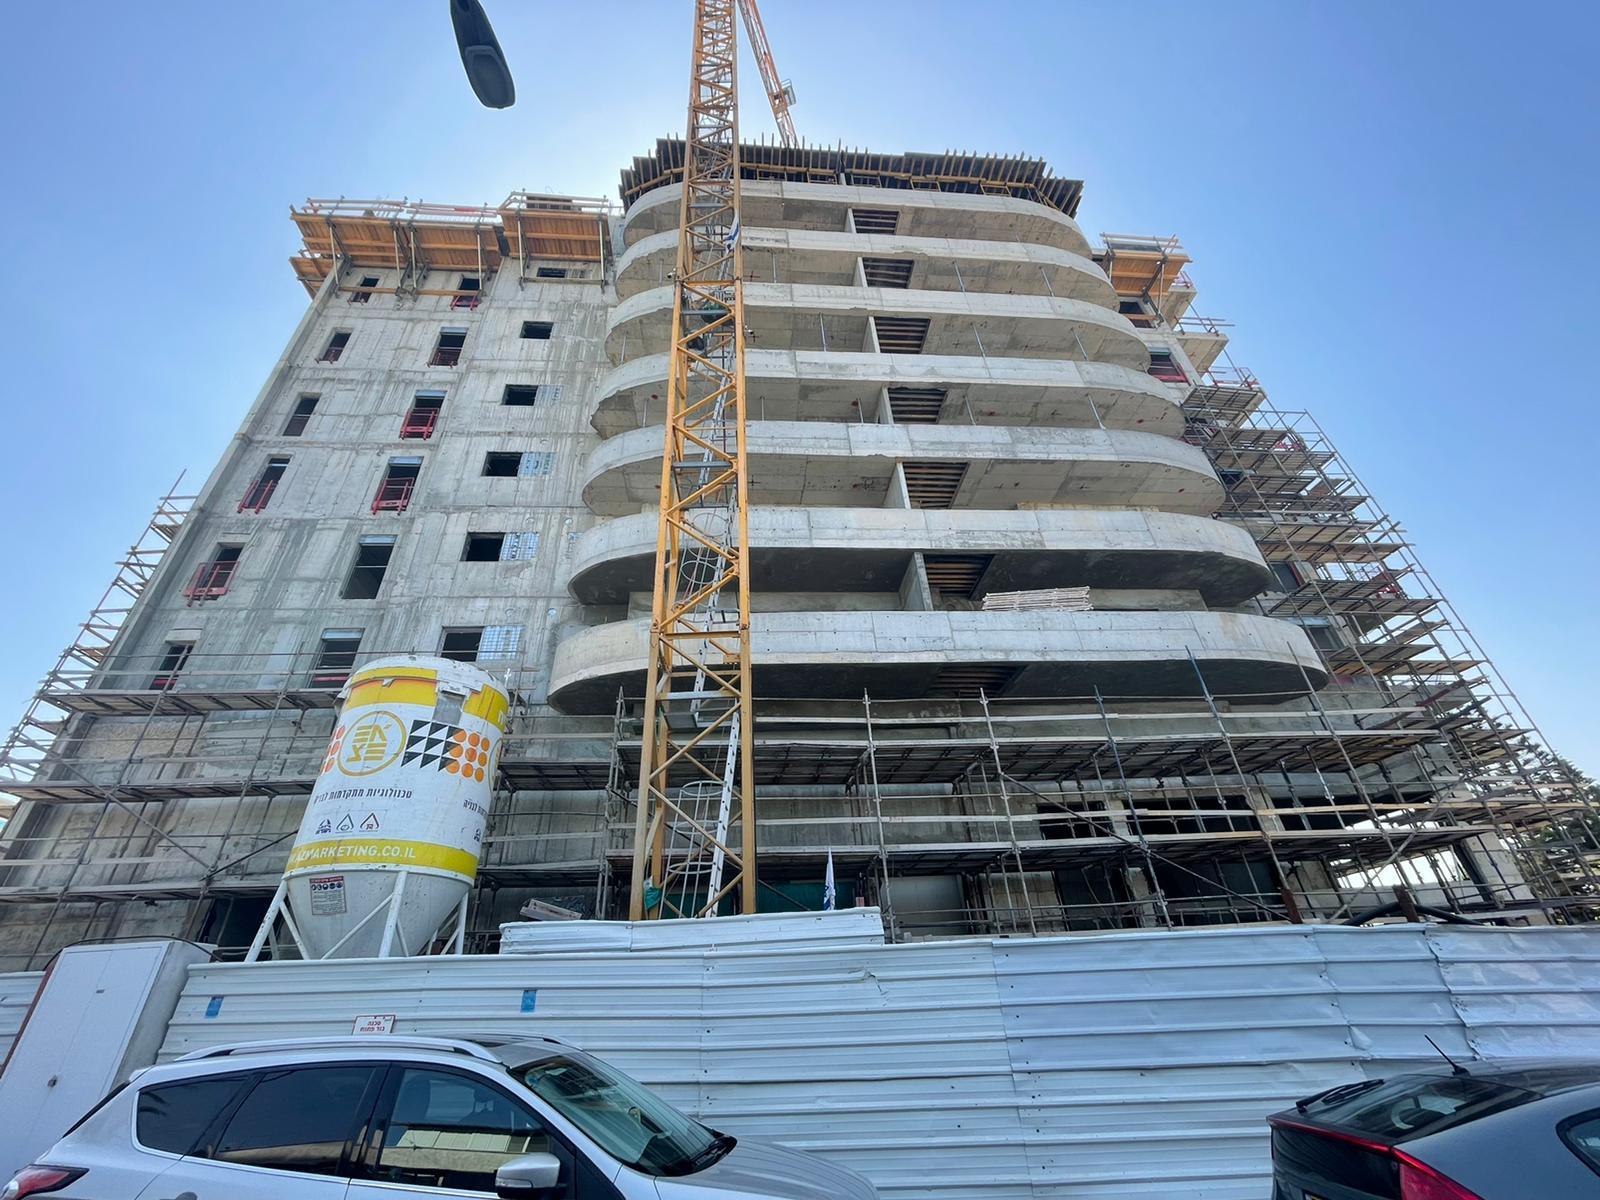 עבודות סיום שלד   עבודות גמר קומה 3 08.07.2021